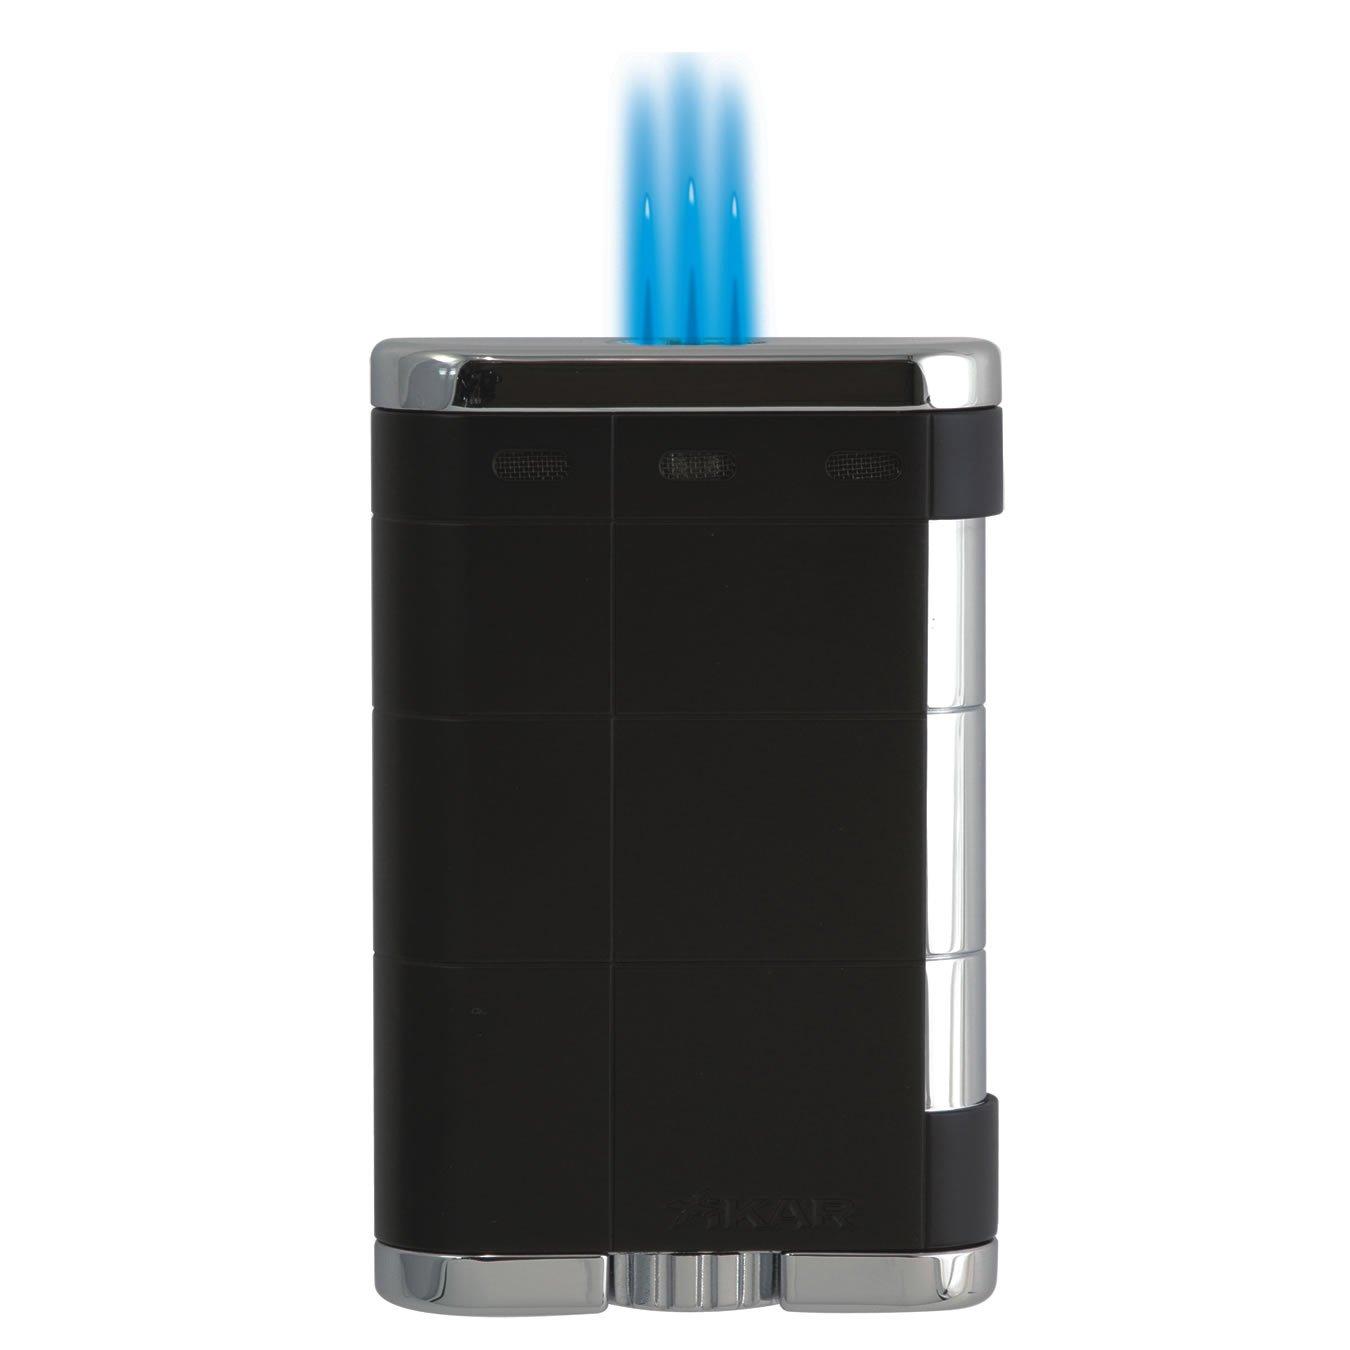 Stupendous Xikar Xtx Black Matte Tabletop Lighter Interior Design Ideas Helimdqseriescom